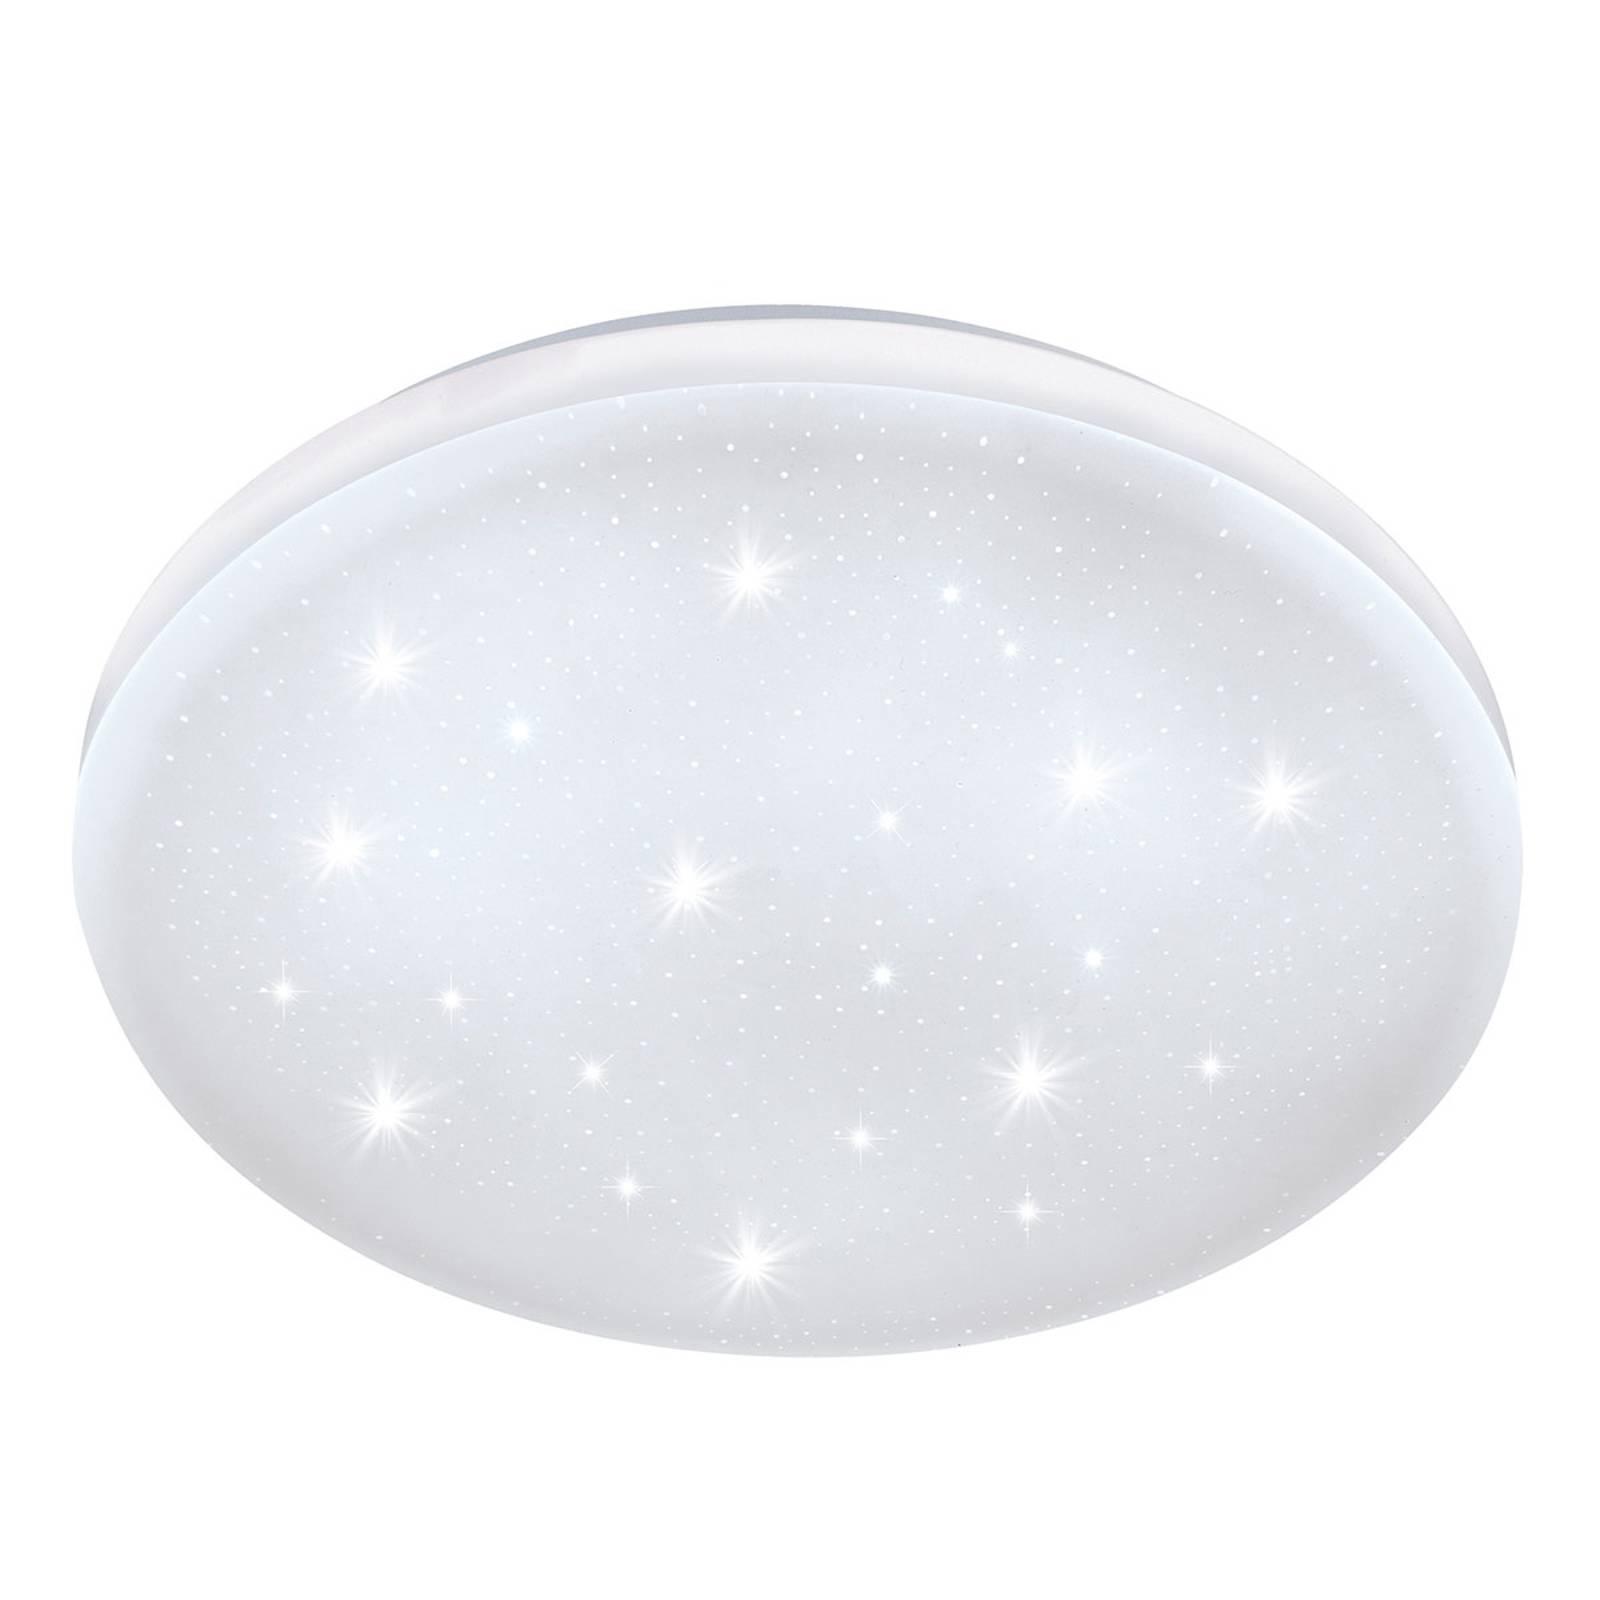 Frania-S -LED-kattovalo kristallitehostein Ø 28 cm